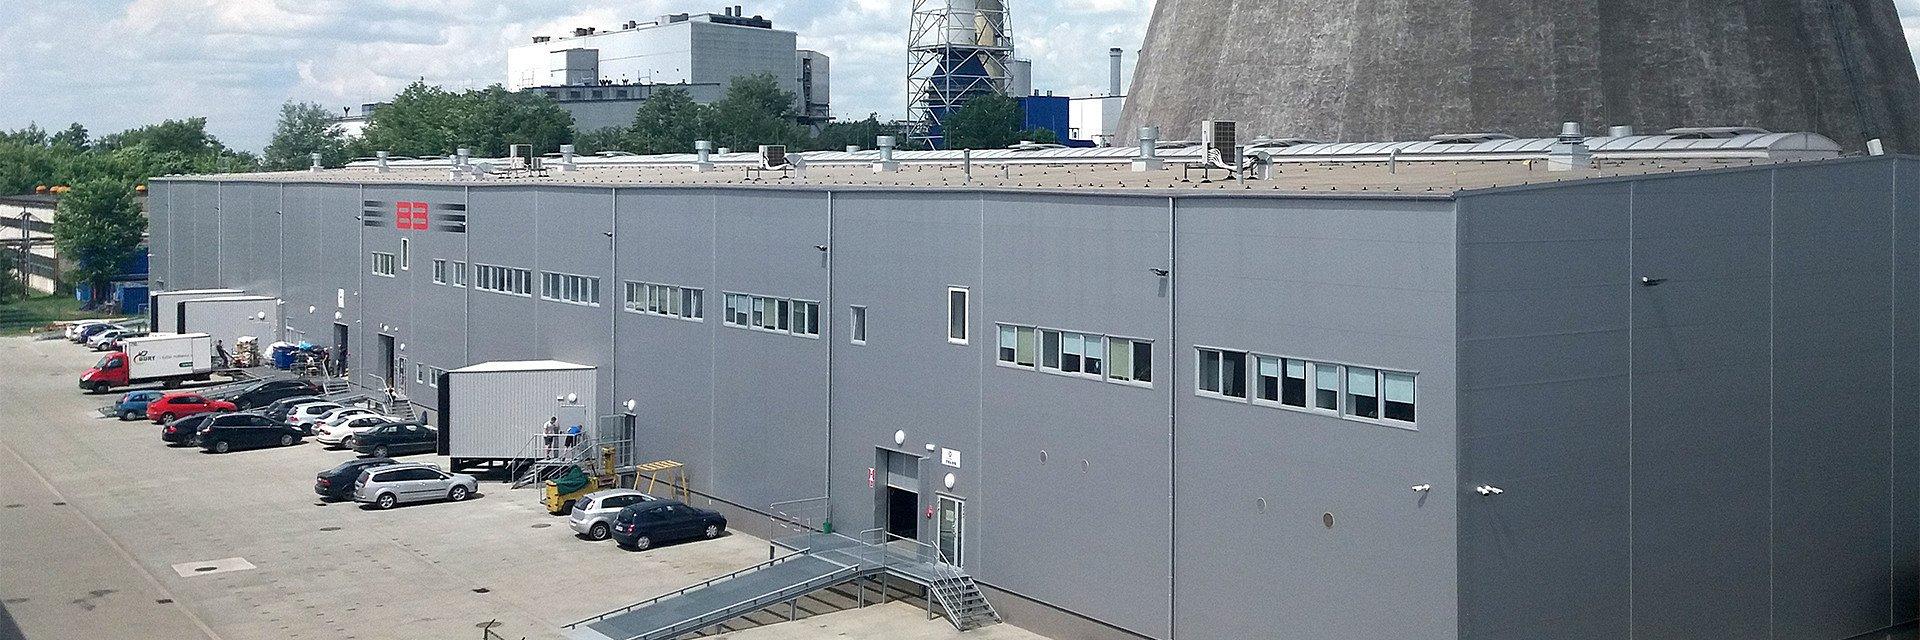 Lider rynku hulajnóg elektrycznych wprowadził się do obiektu Łęgprzem w Krakowie